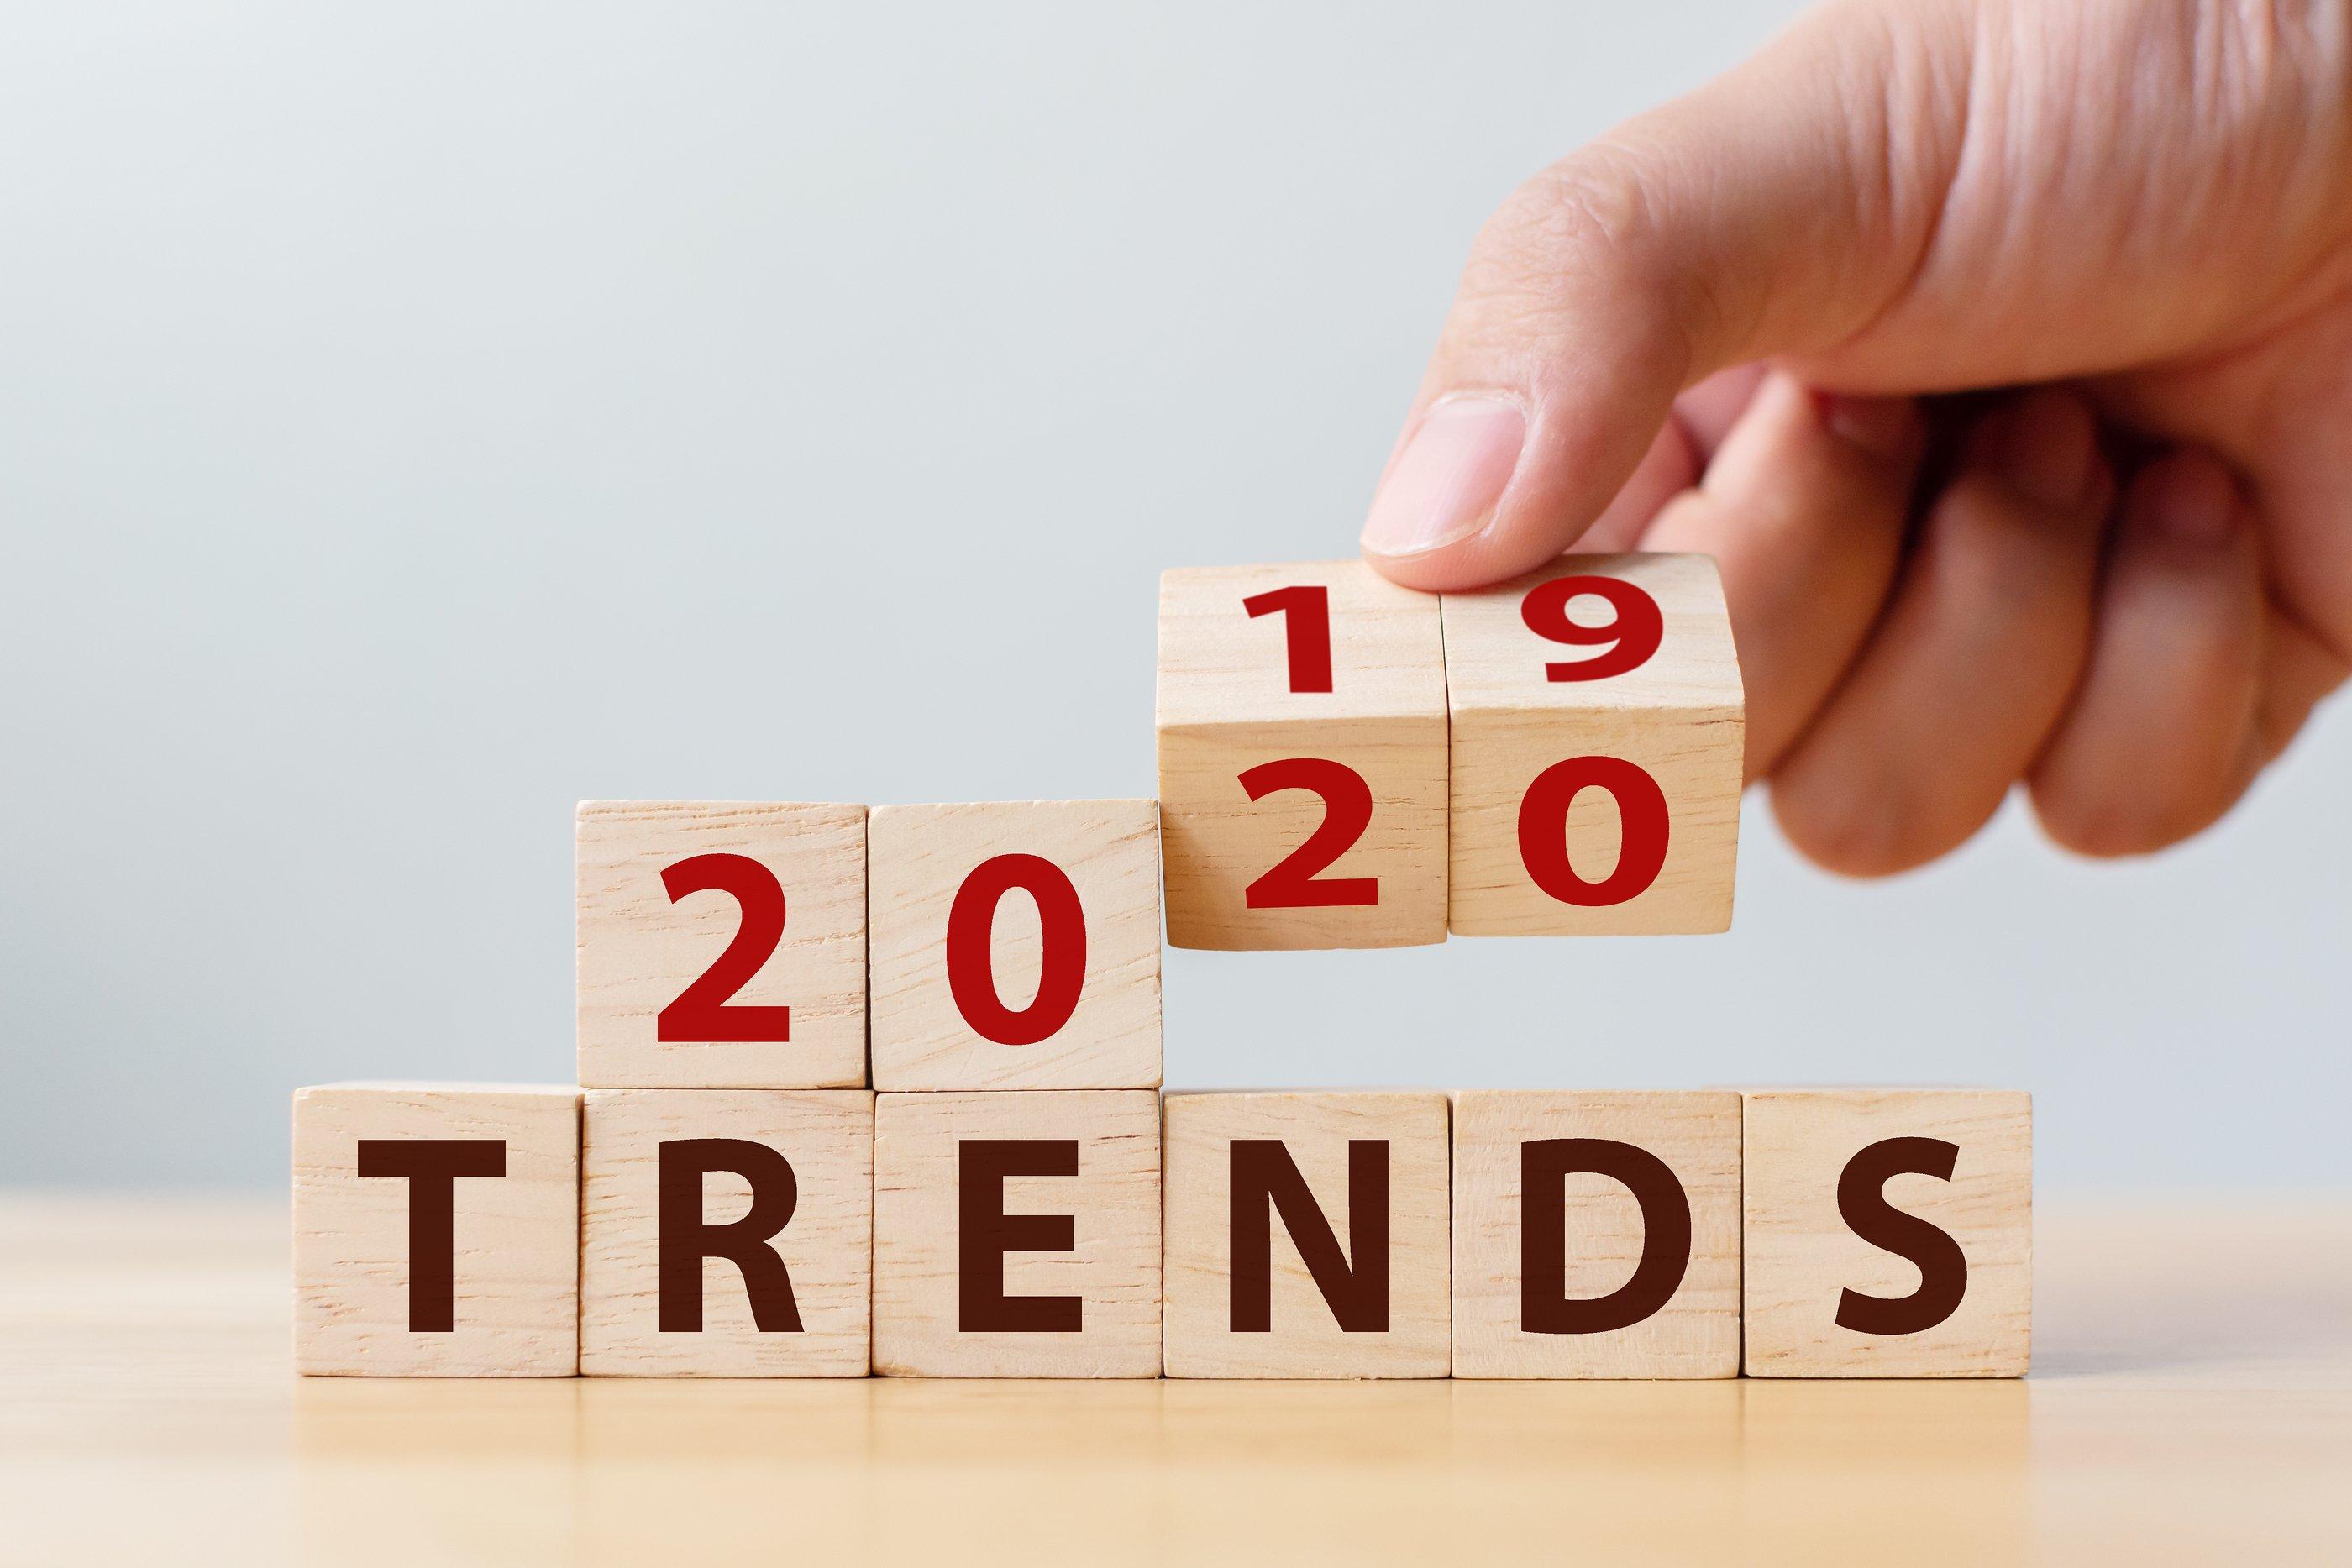 bigstock----Trend-Concept-Hand-Flip--328716769